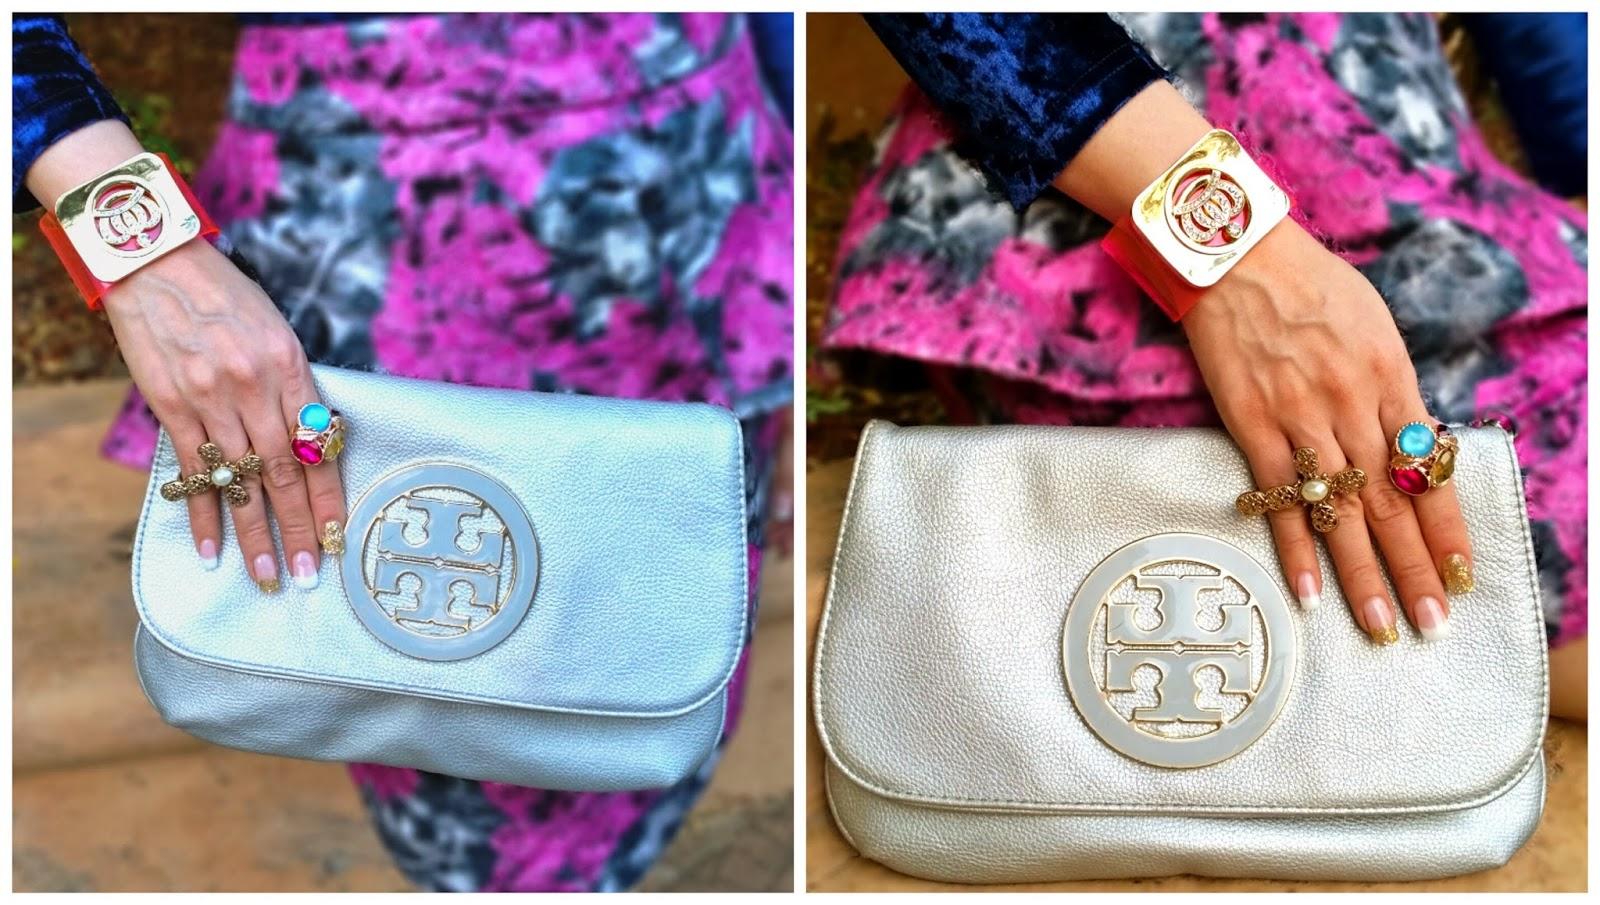 Silver Tory Burch Clutch & Pink Perspex Cuff Bracelet